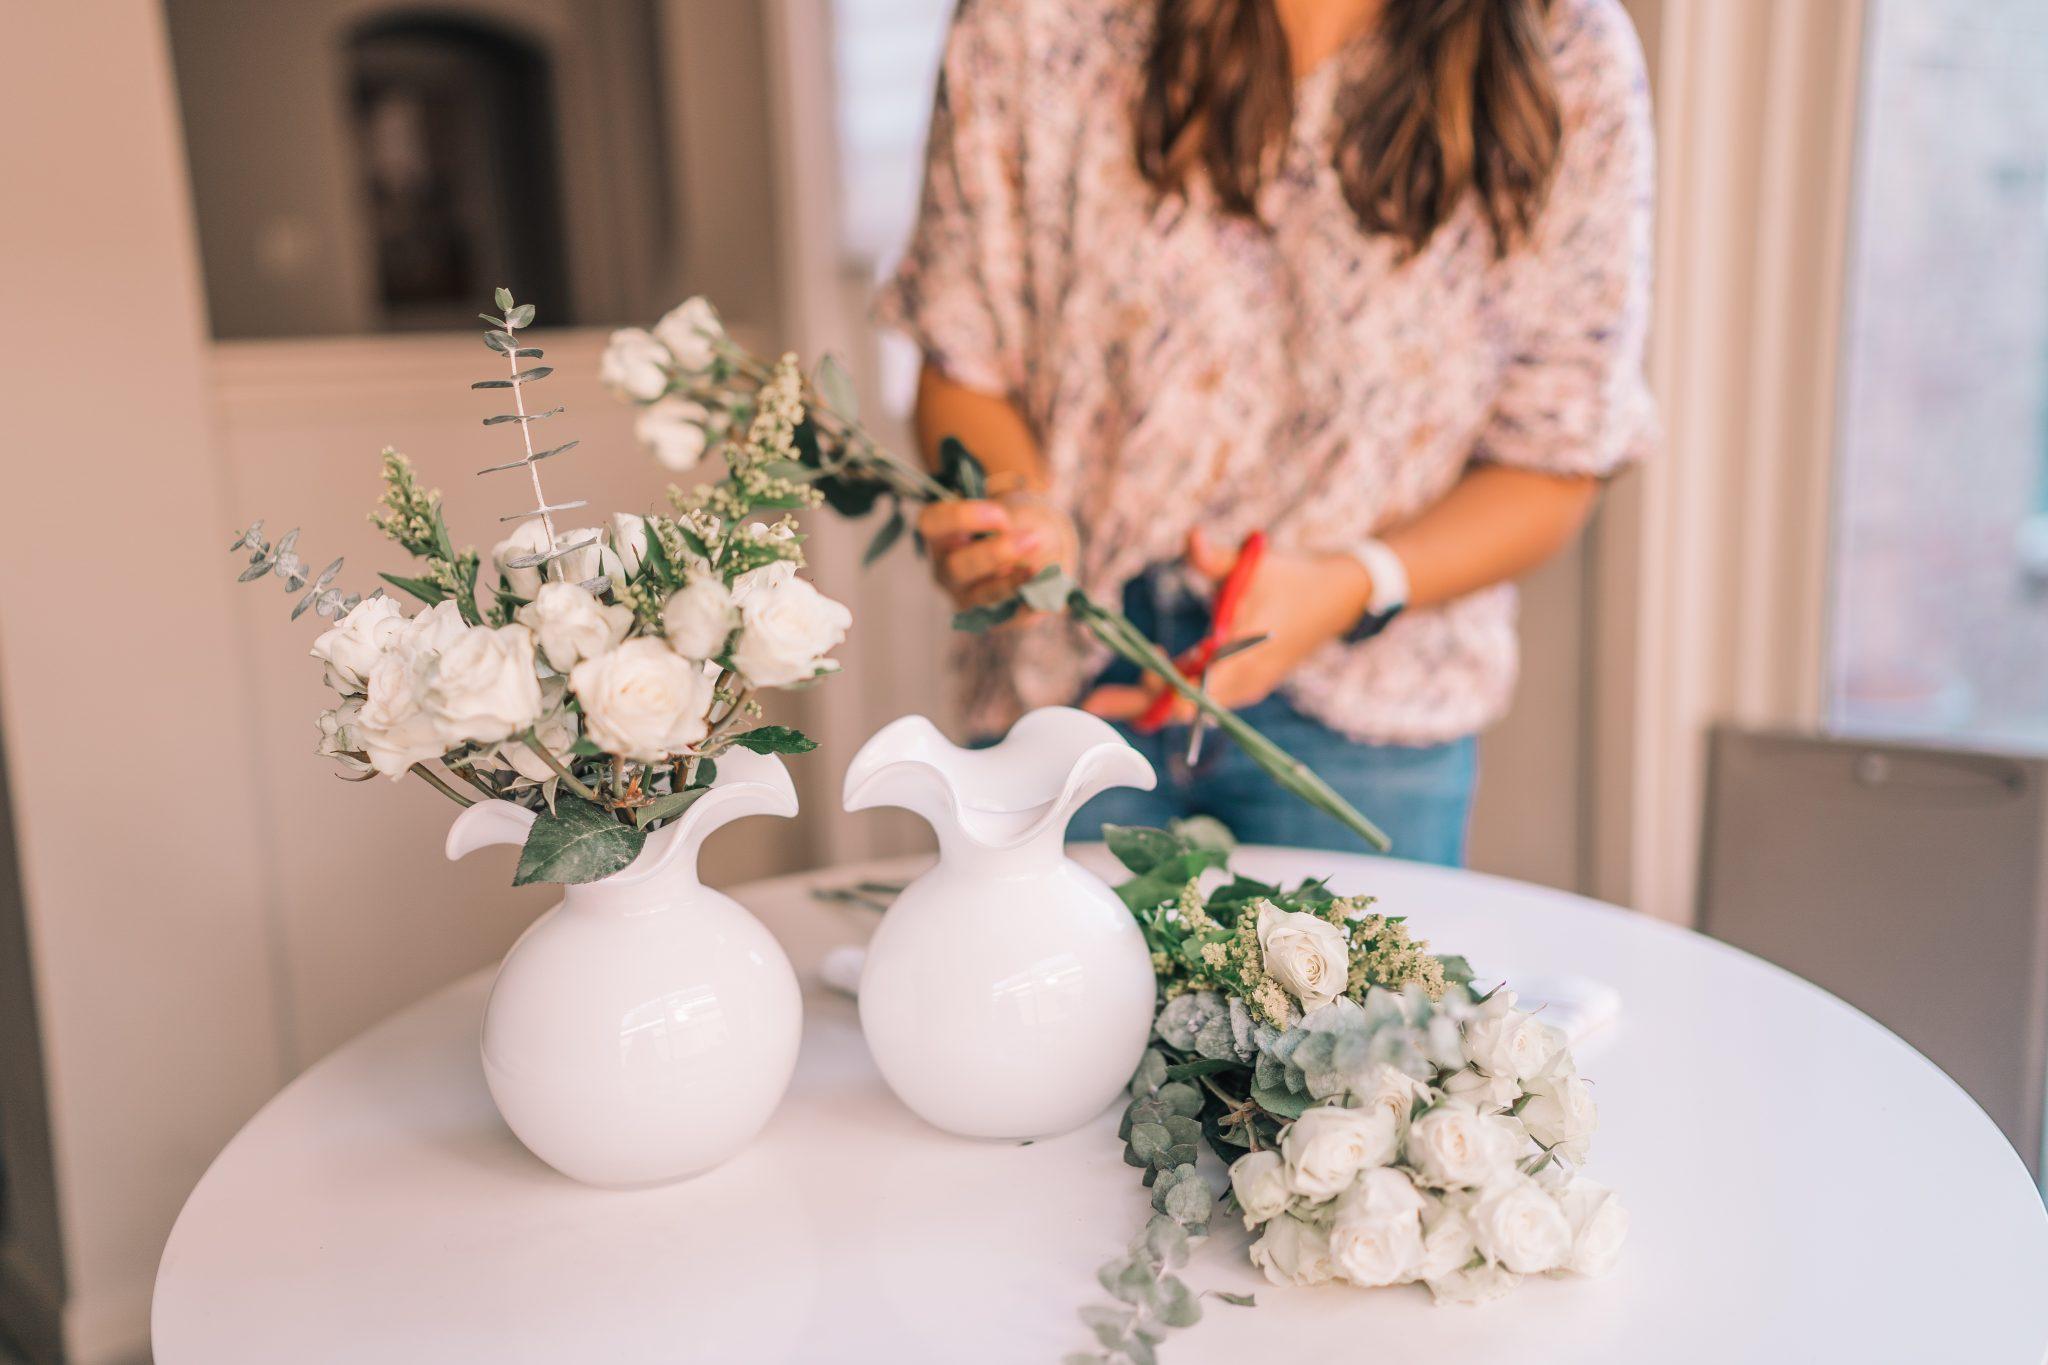 Simple DIY flower arrangements with Trader Joe's flowers